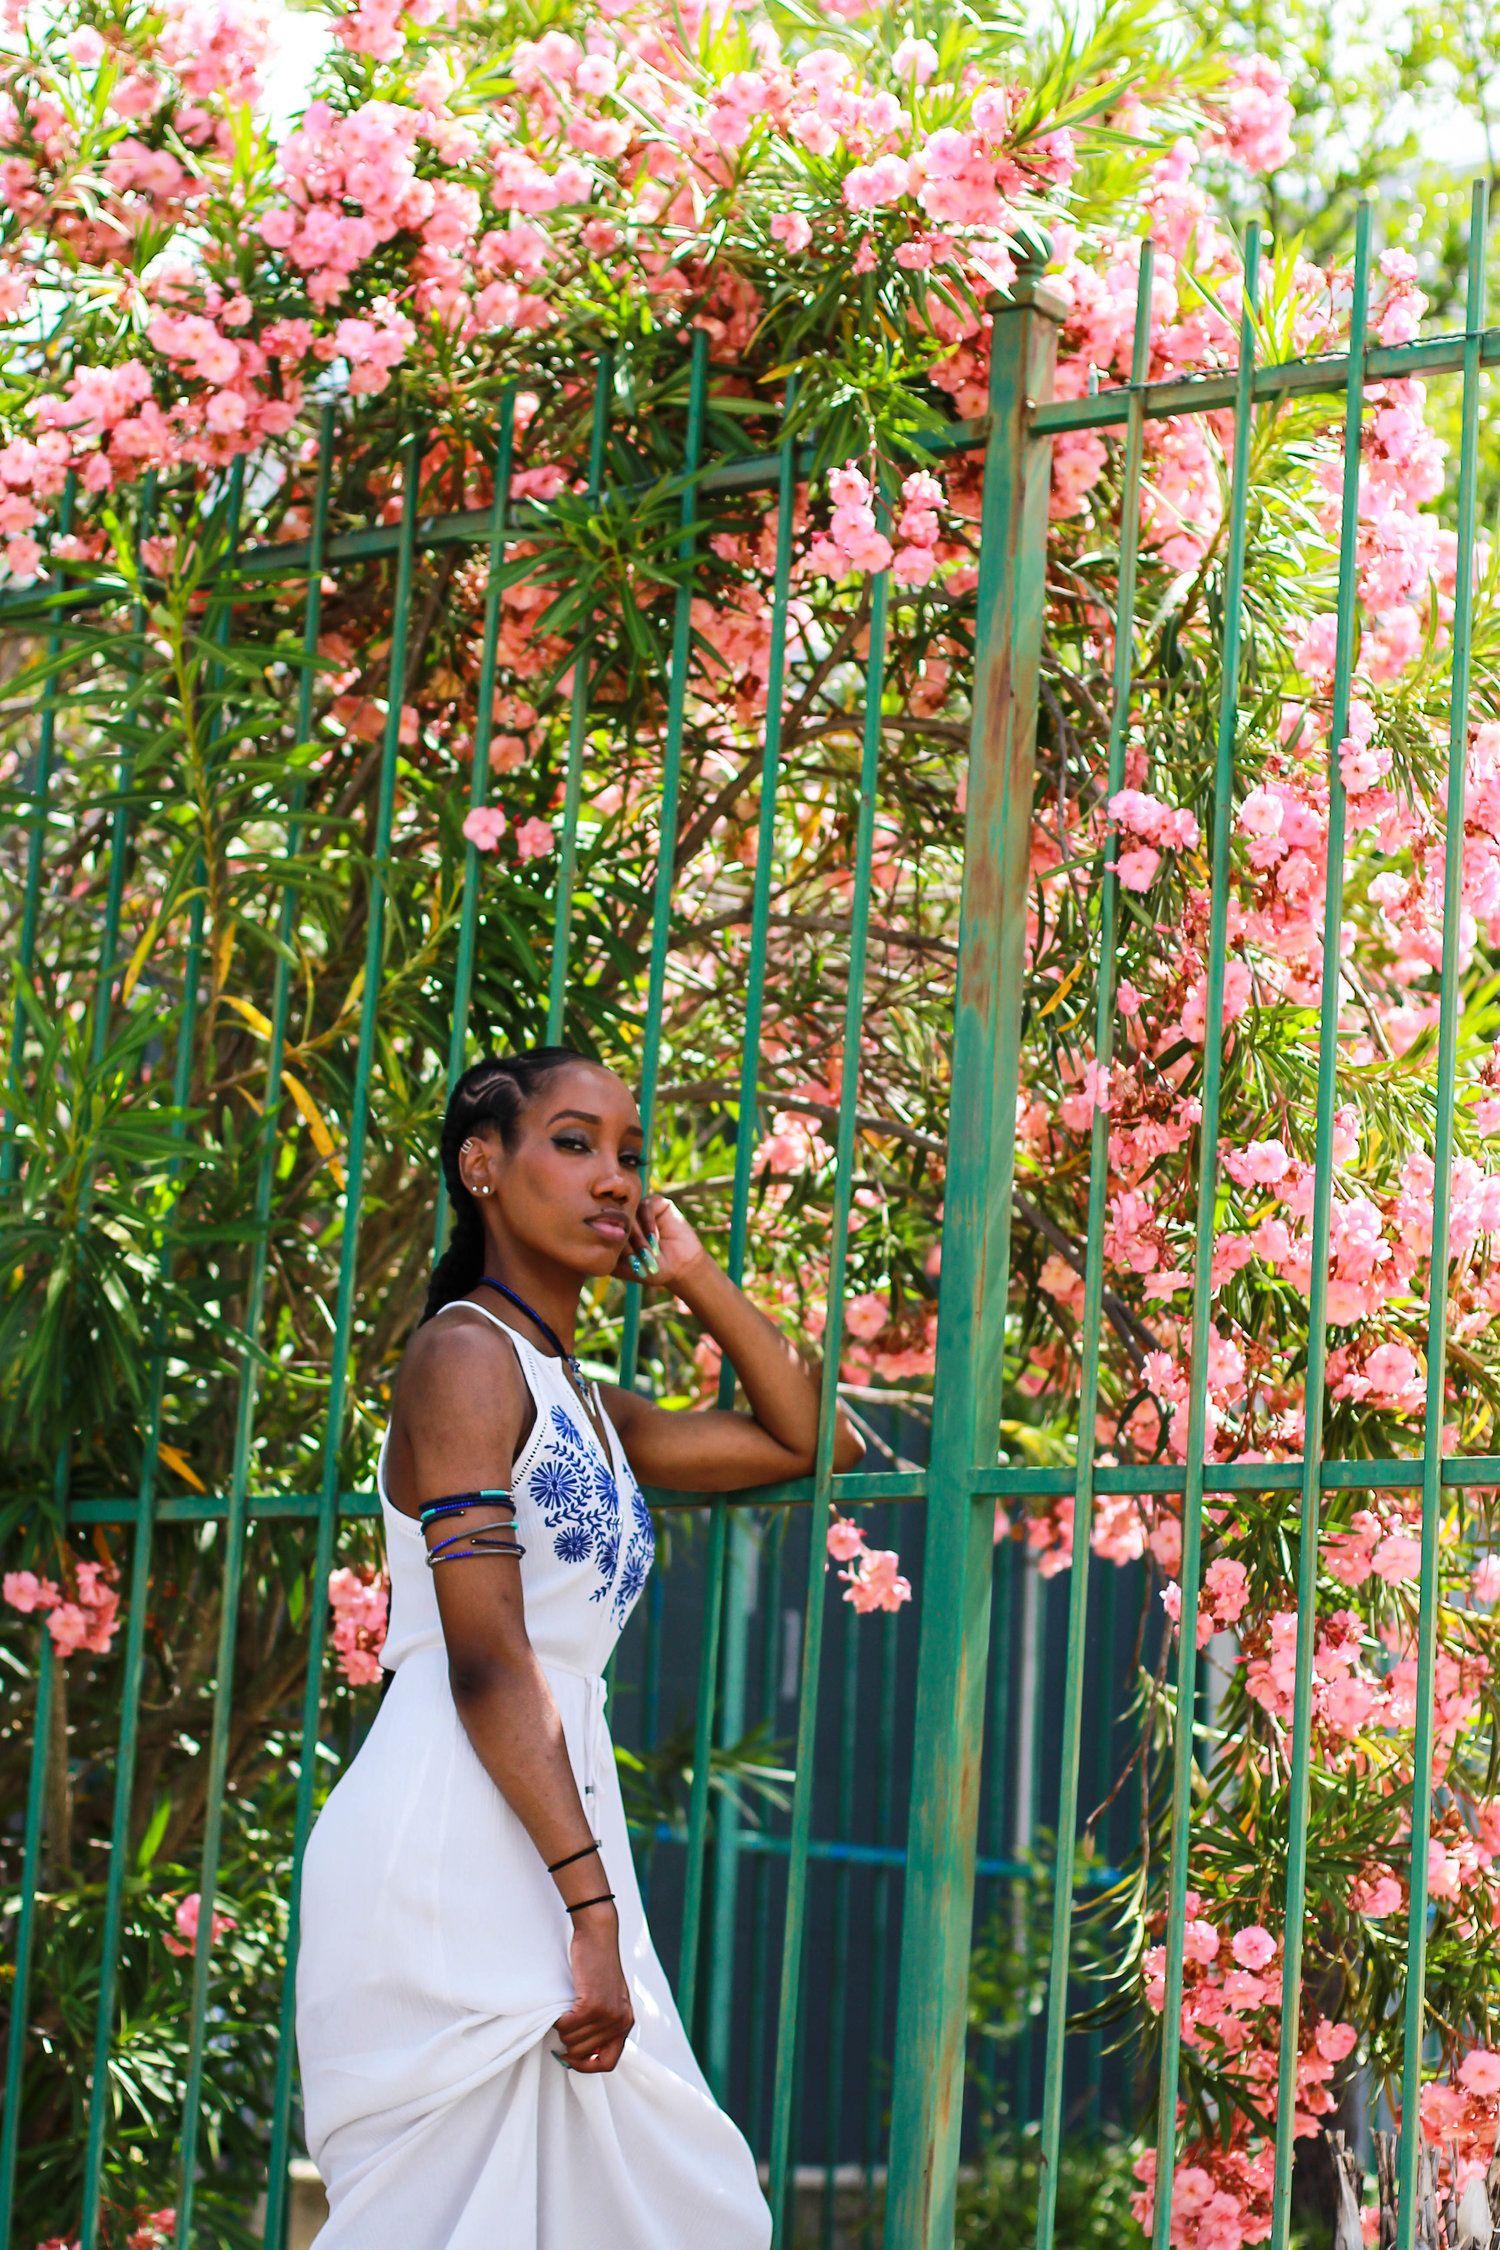 Mediterranean Goddess Outfit For Coachella White Maxi Dresses